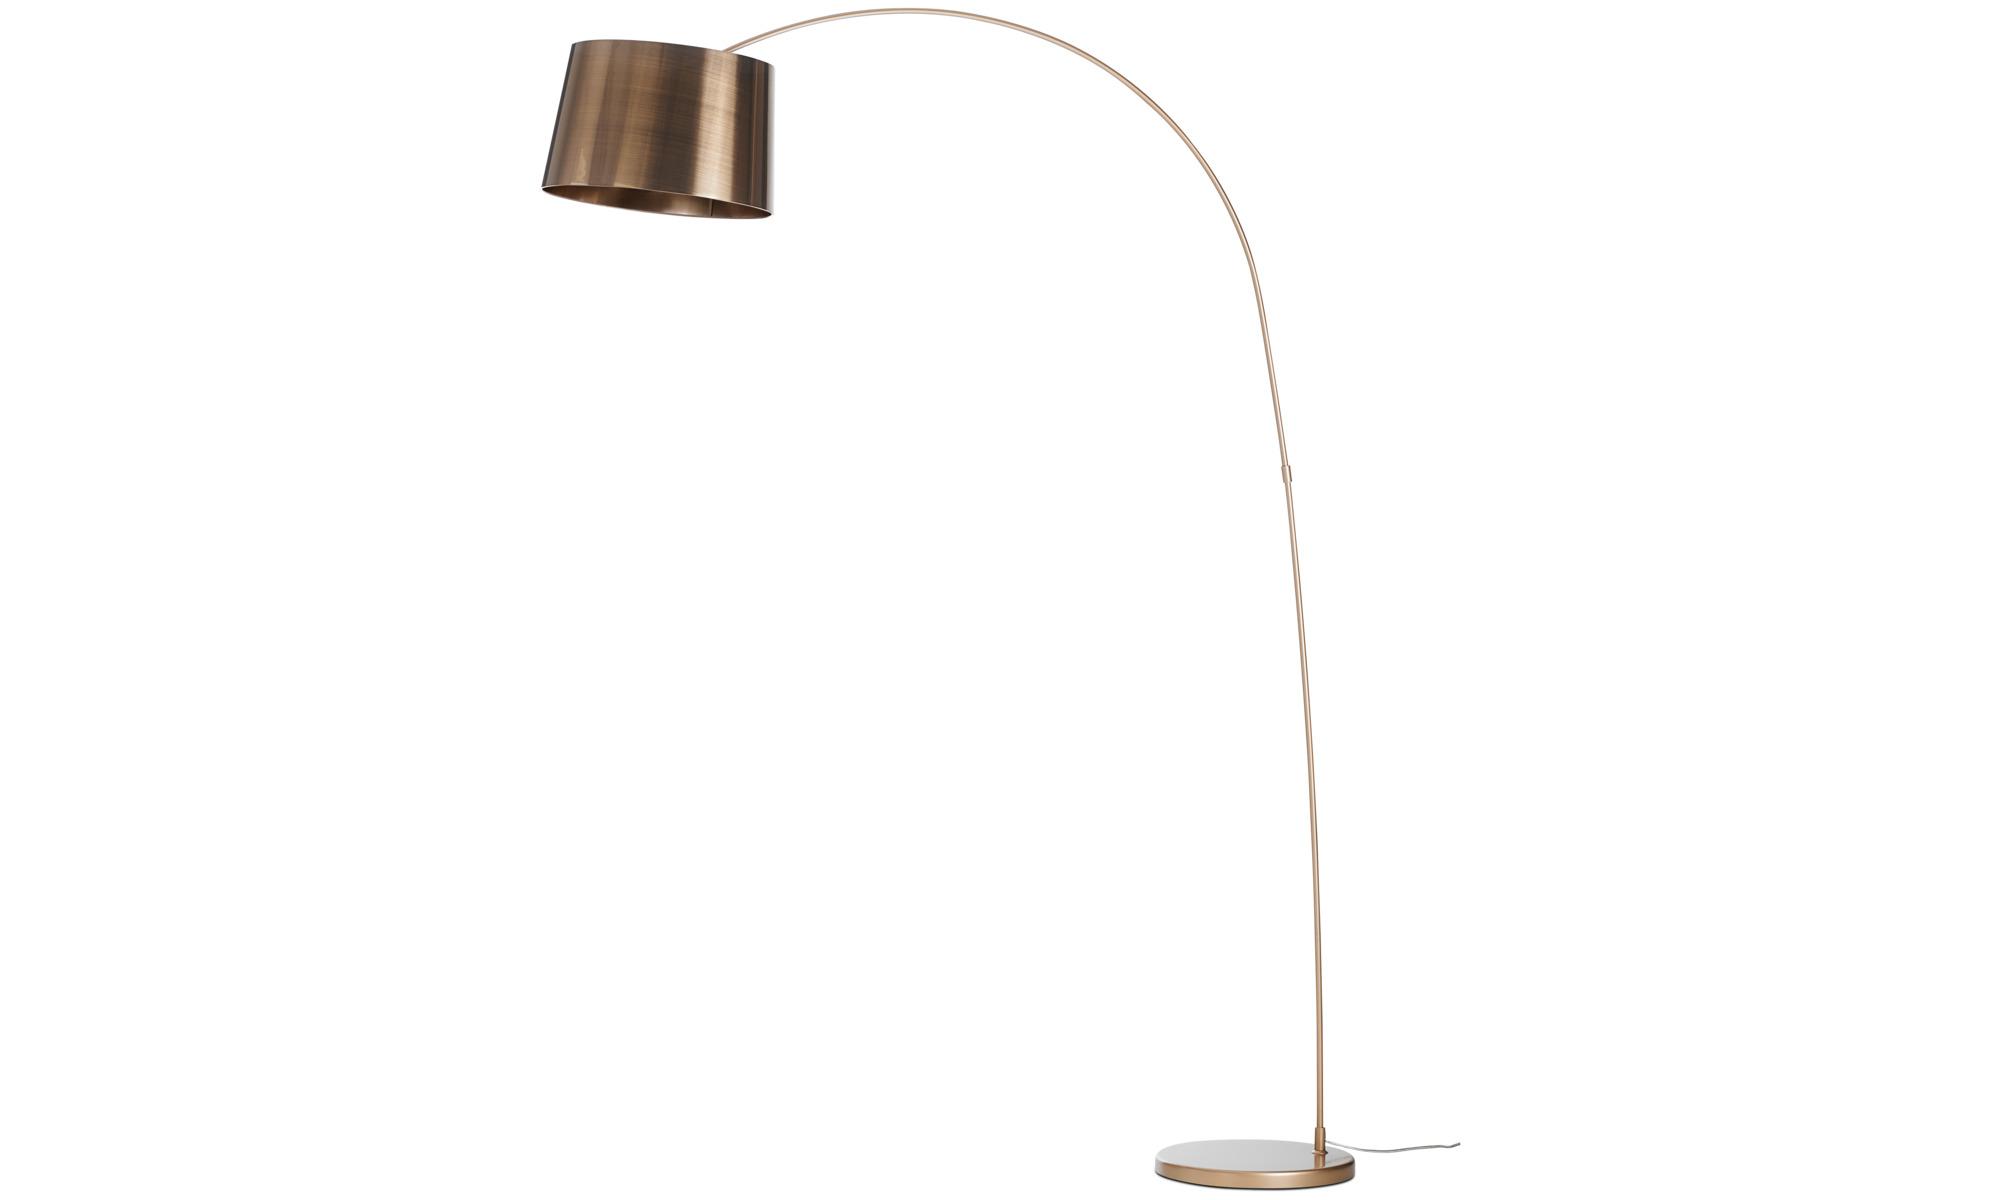 Lampy - Lampa podłogowa Kuta - Pomarańczowy - Metal